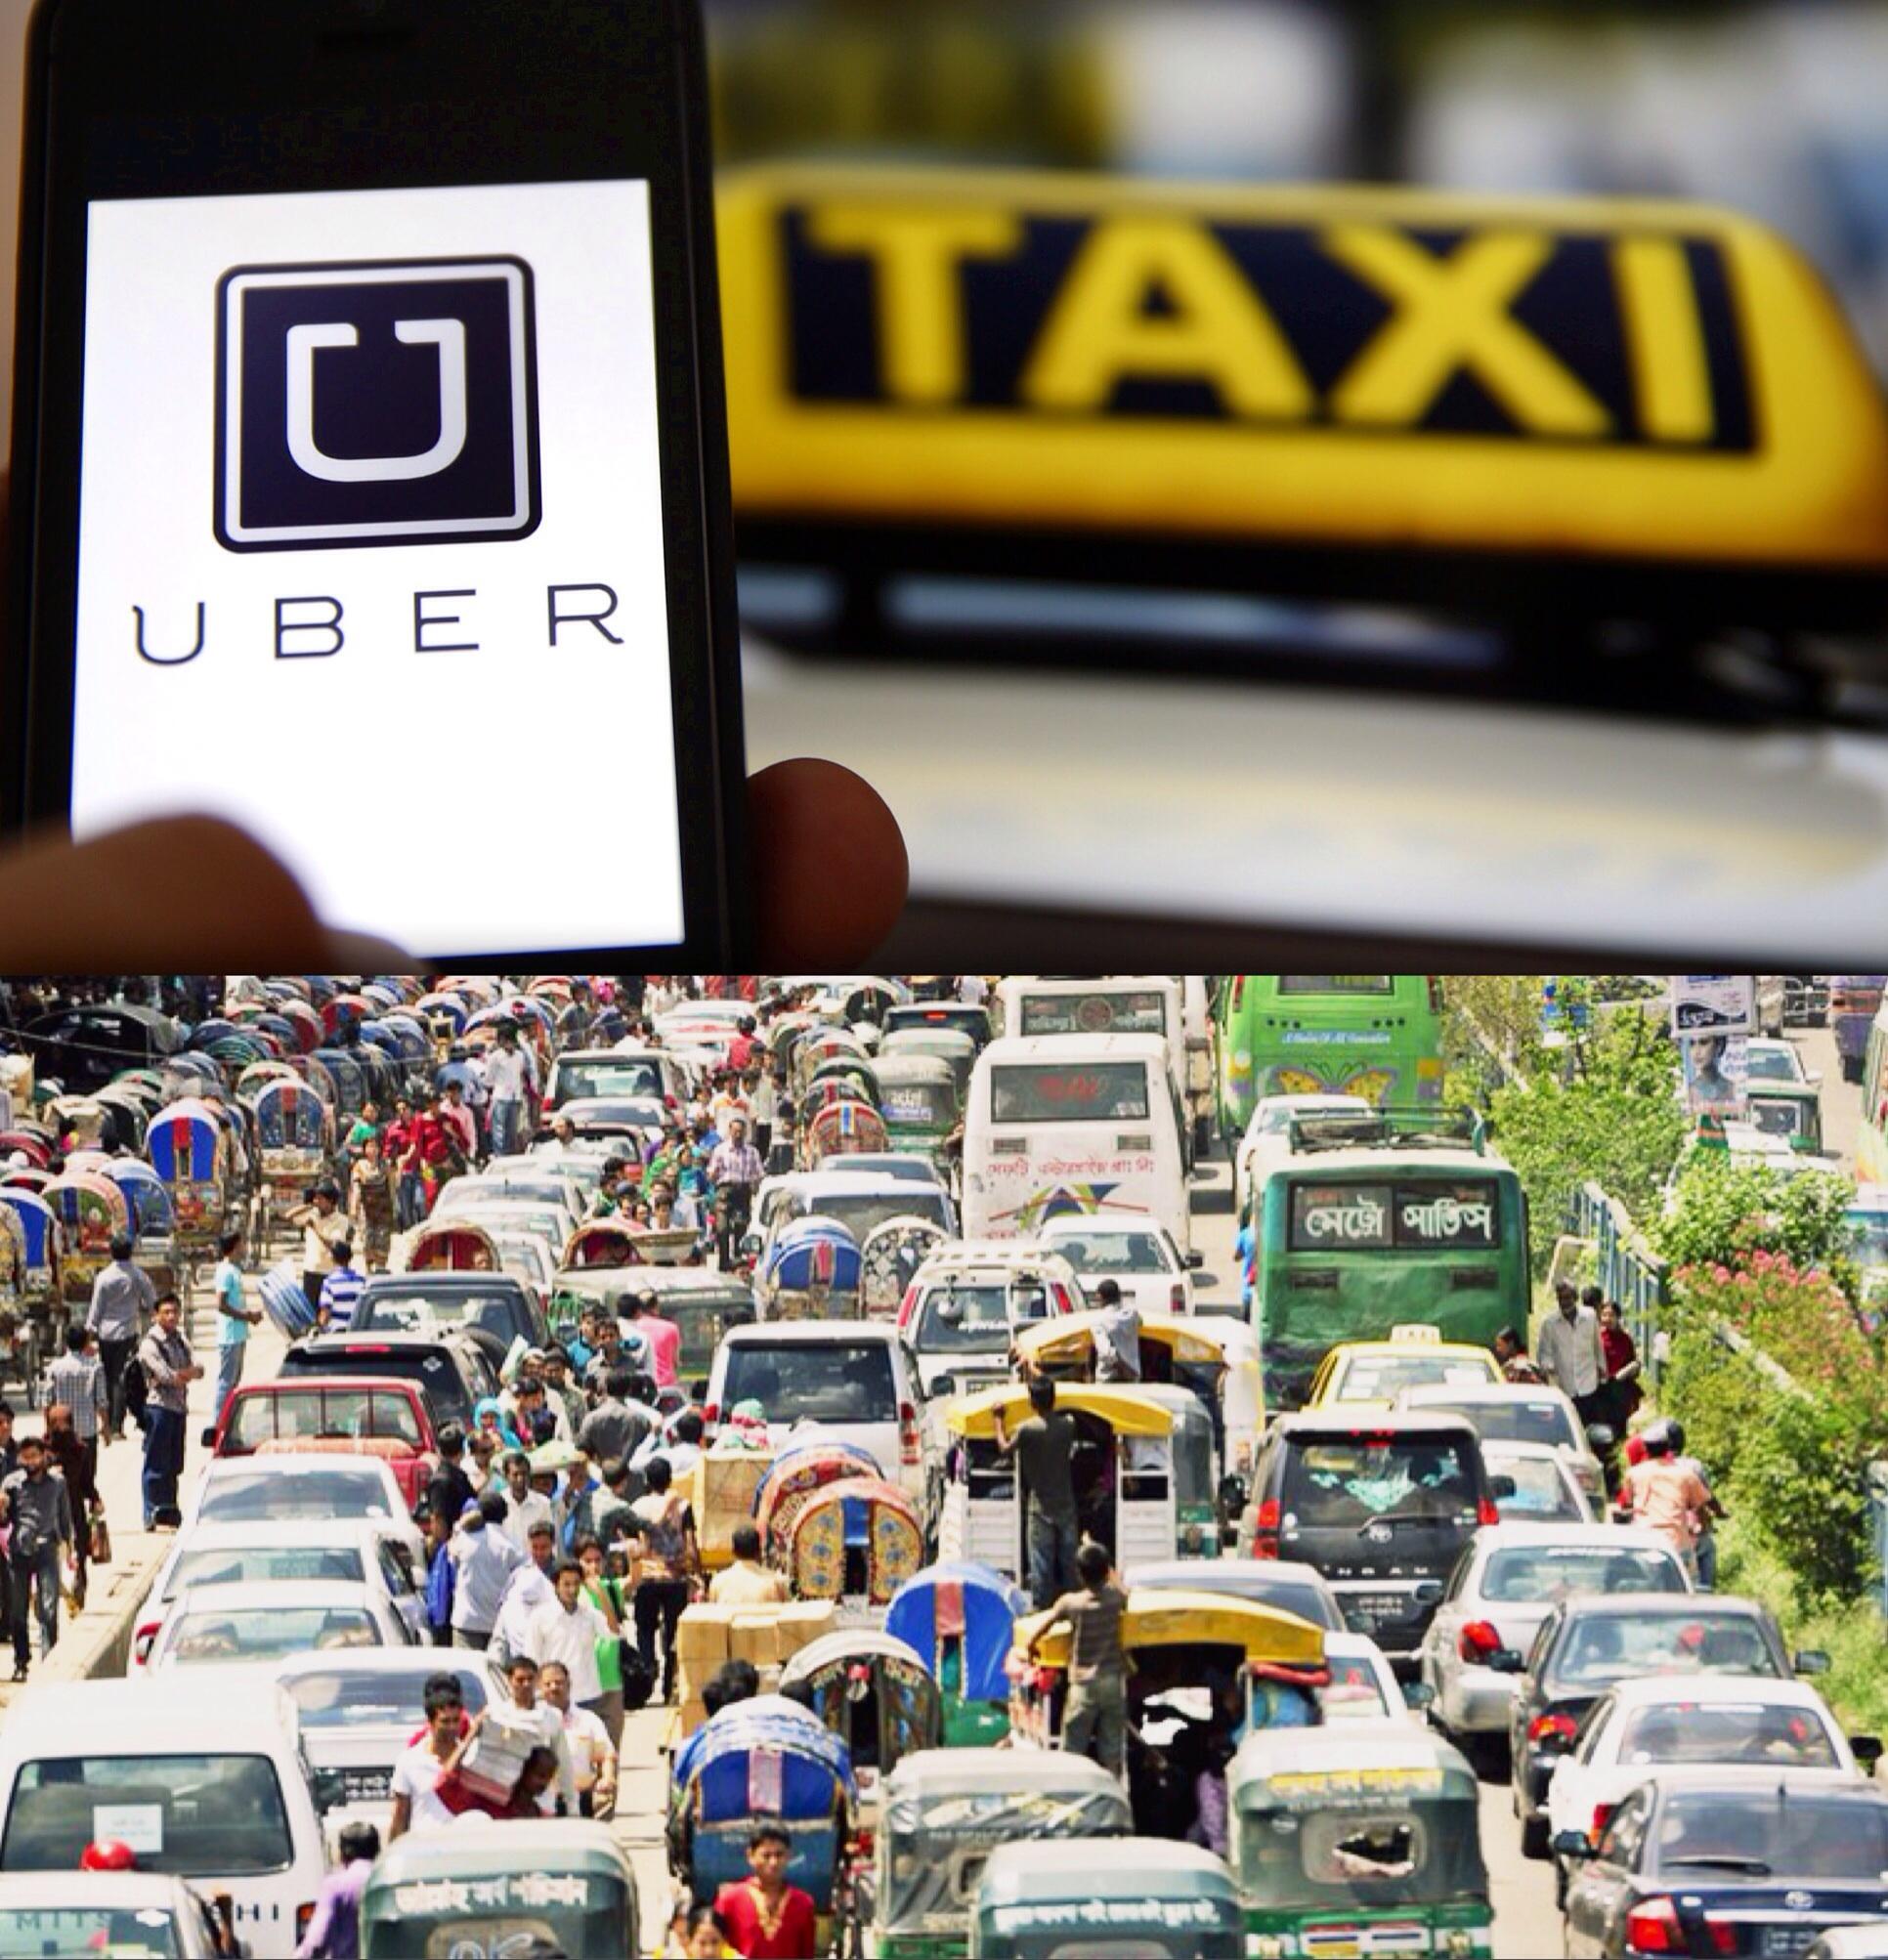 バングラデシュの首都ダッカでUber(ウーバー)タクシーサービスが数週間のうちに。